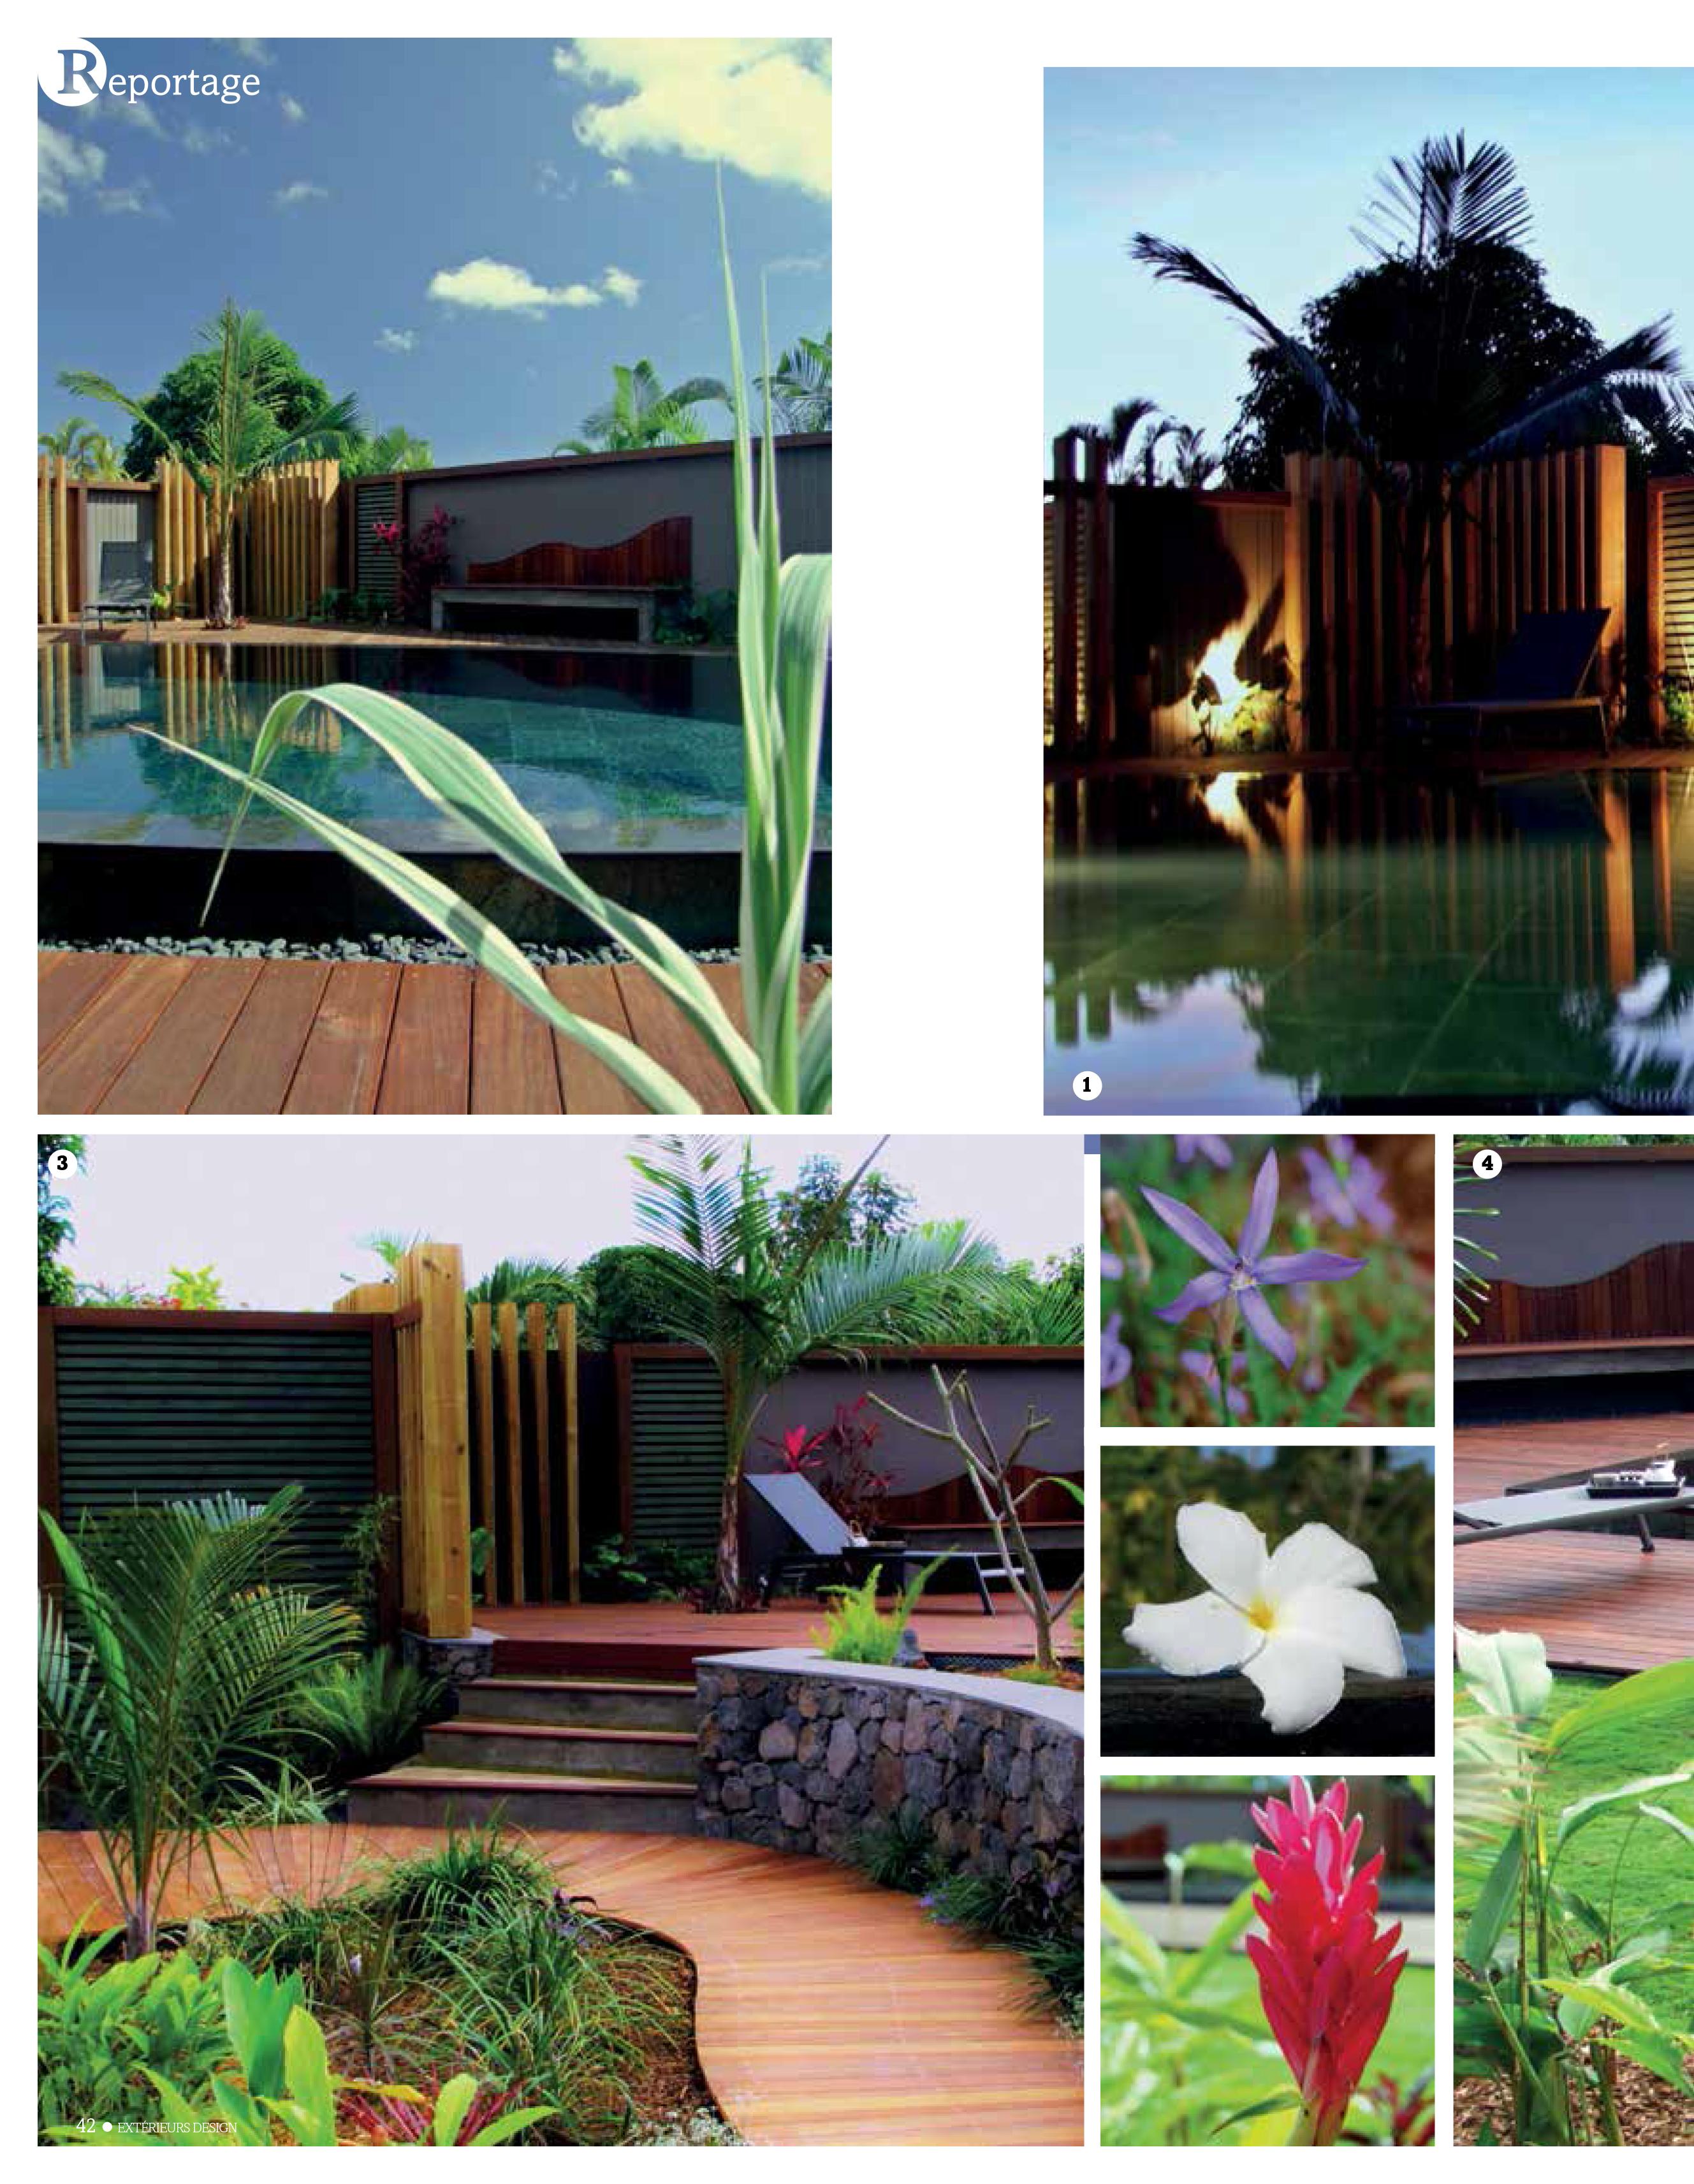 Reportage exterieur design natural concept paysage for Exterieur design jardin